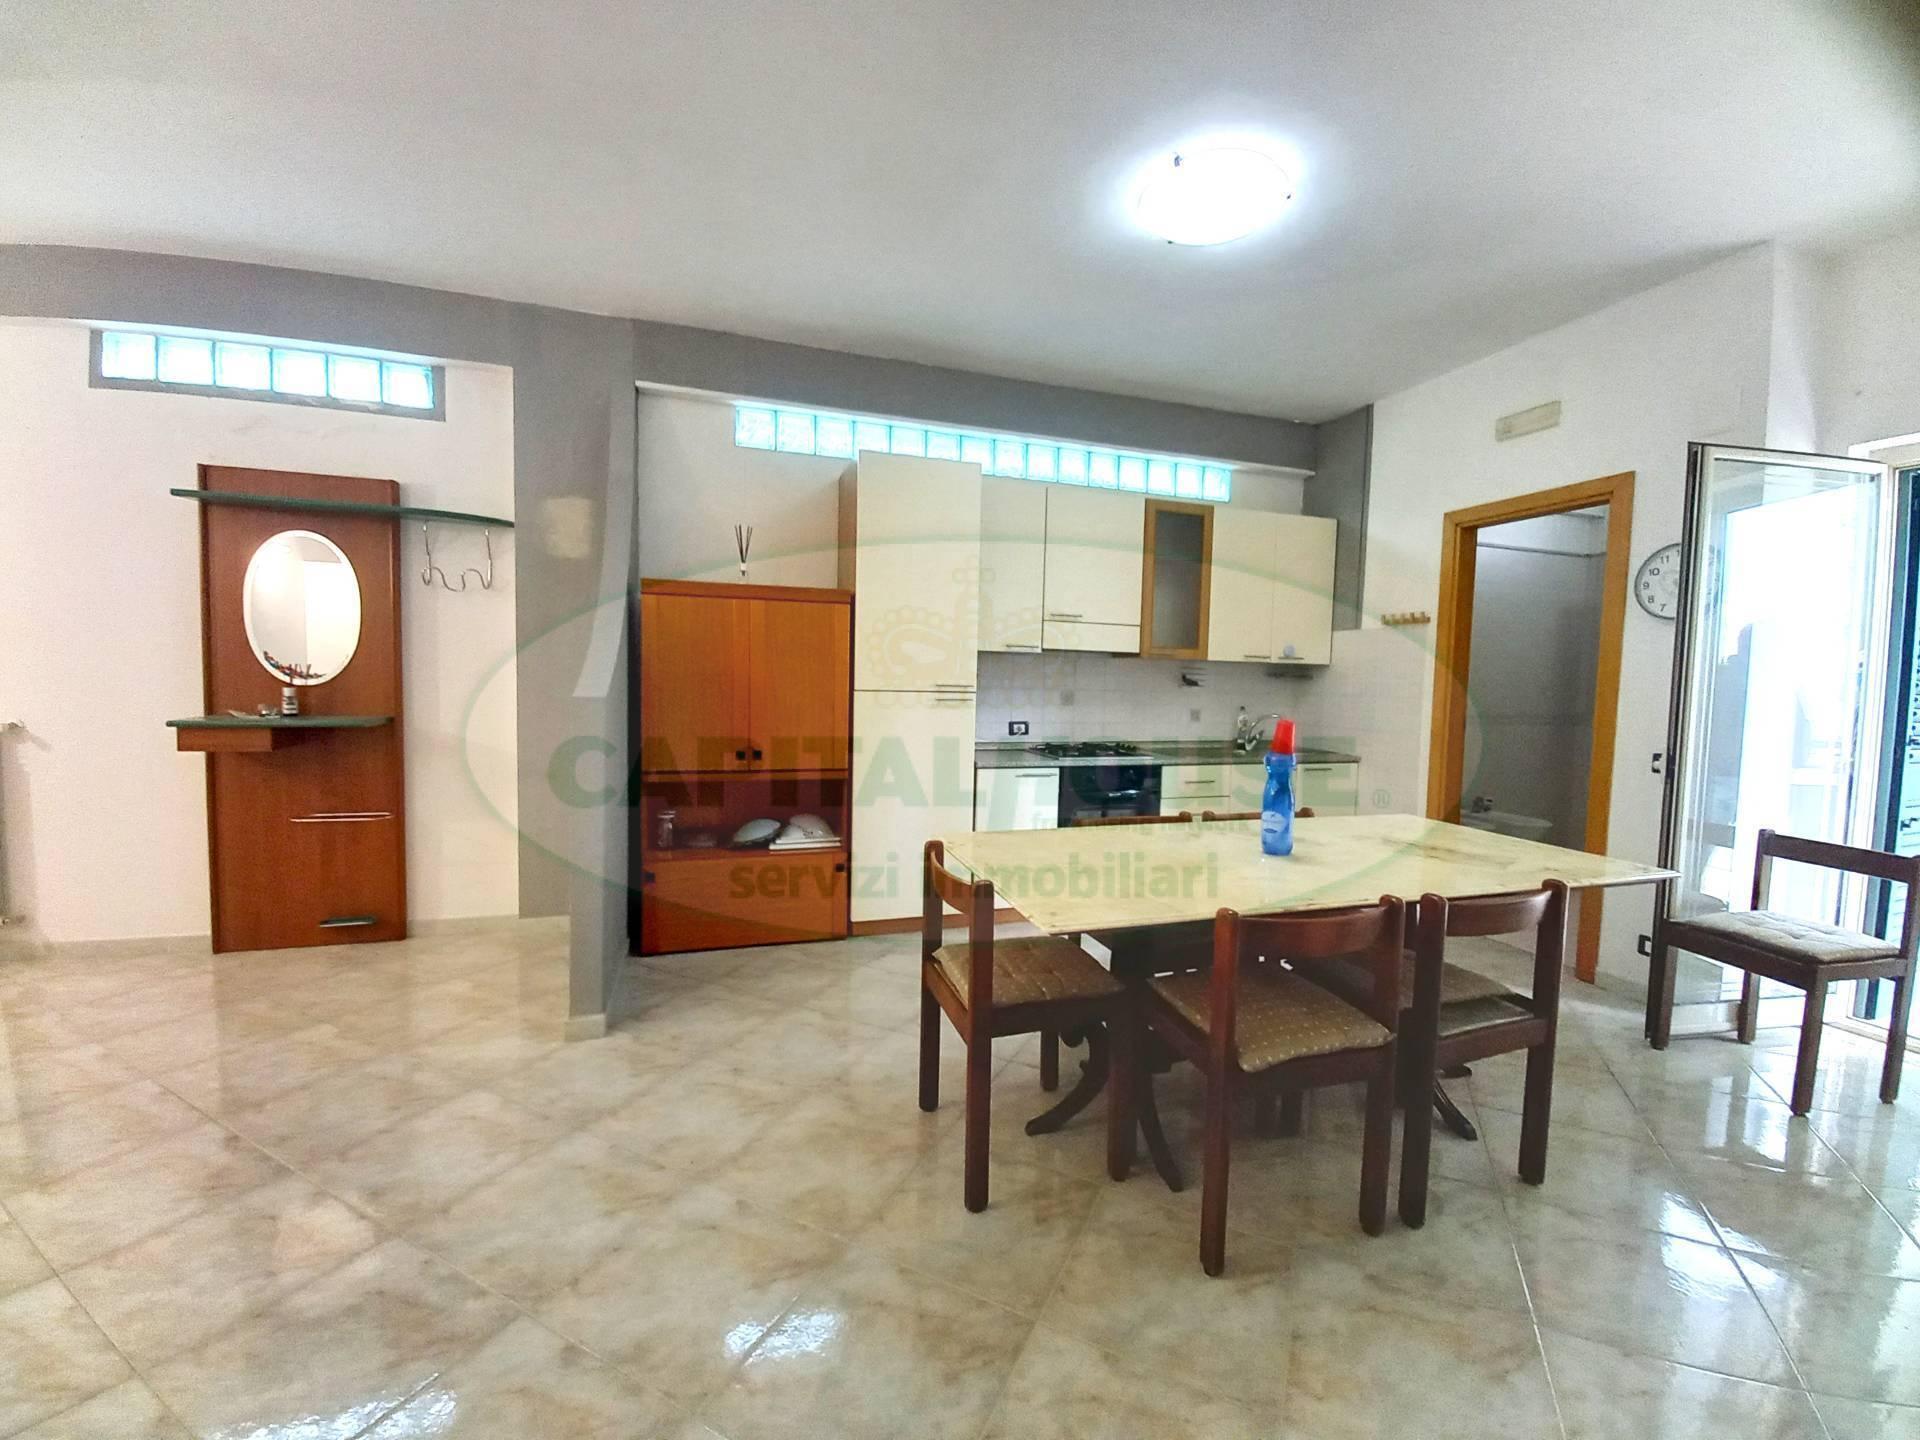 Appartamento in affitto a Capua, 3 locali, zona Località: S.AngeloinFormis, prezzo € 350   CambioCasa.it